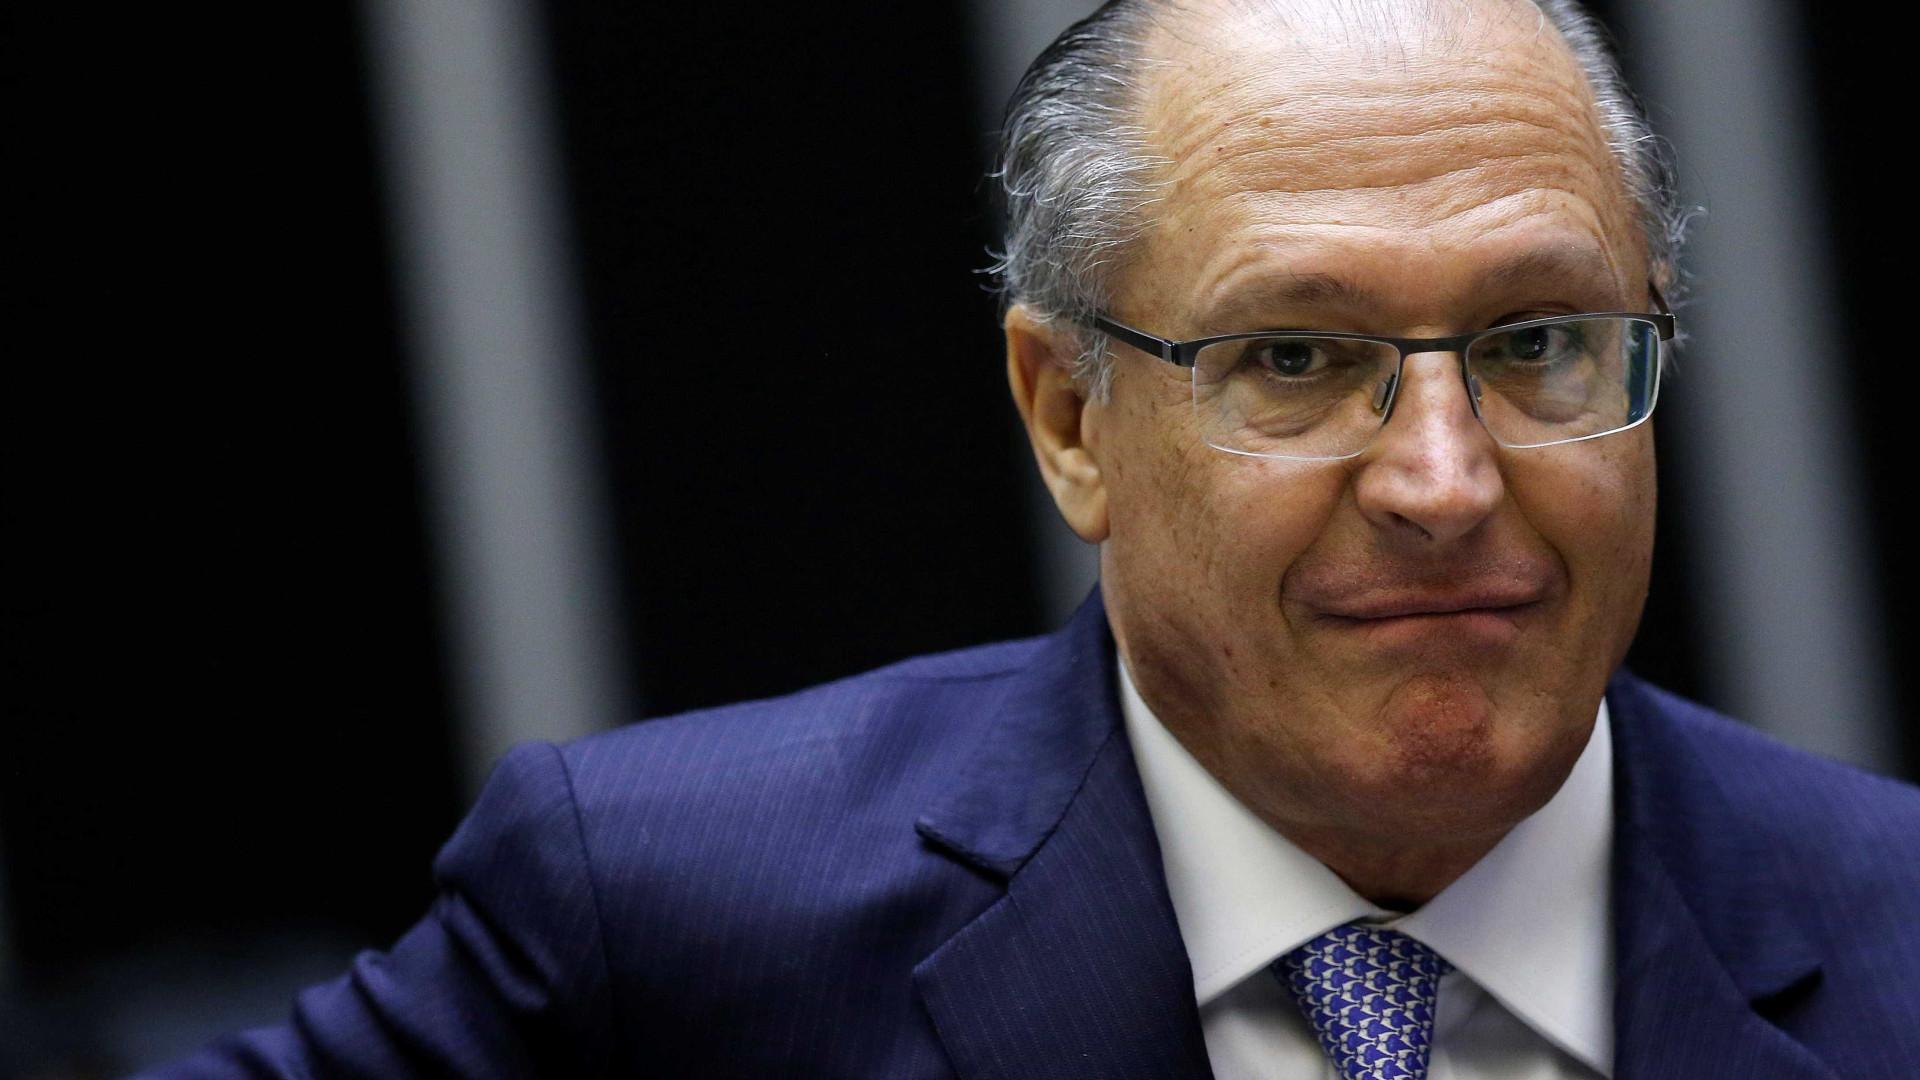 Nenhuma pauta, por mais justa, pode parar Brasil, dirá Alckmin de greve